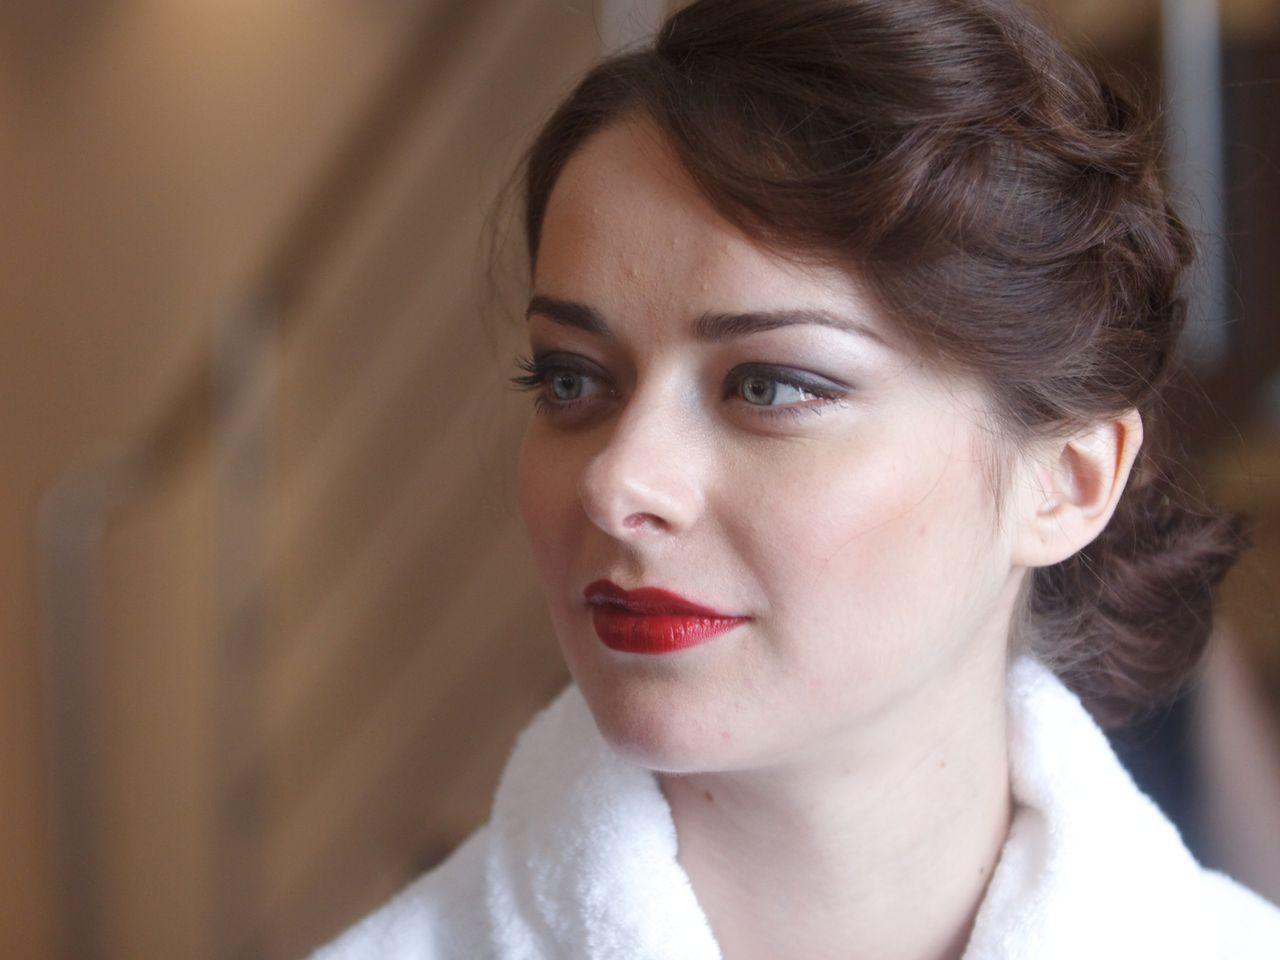 Марина Александрова чувствует себя парижанкой